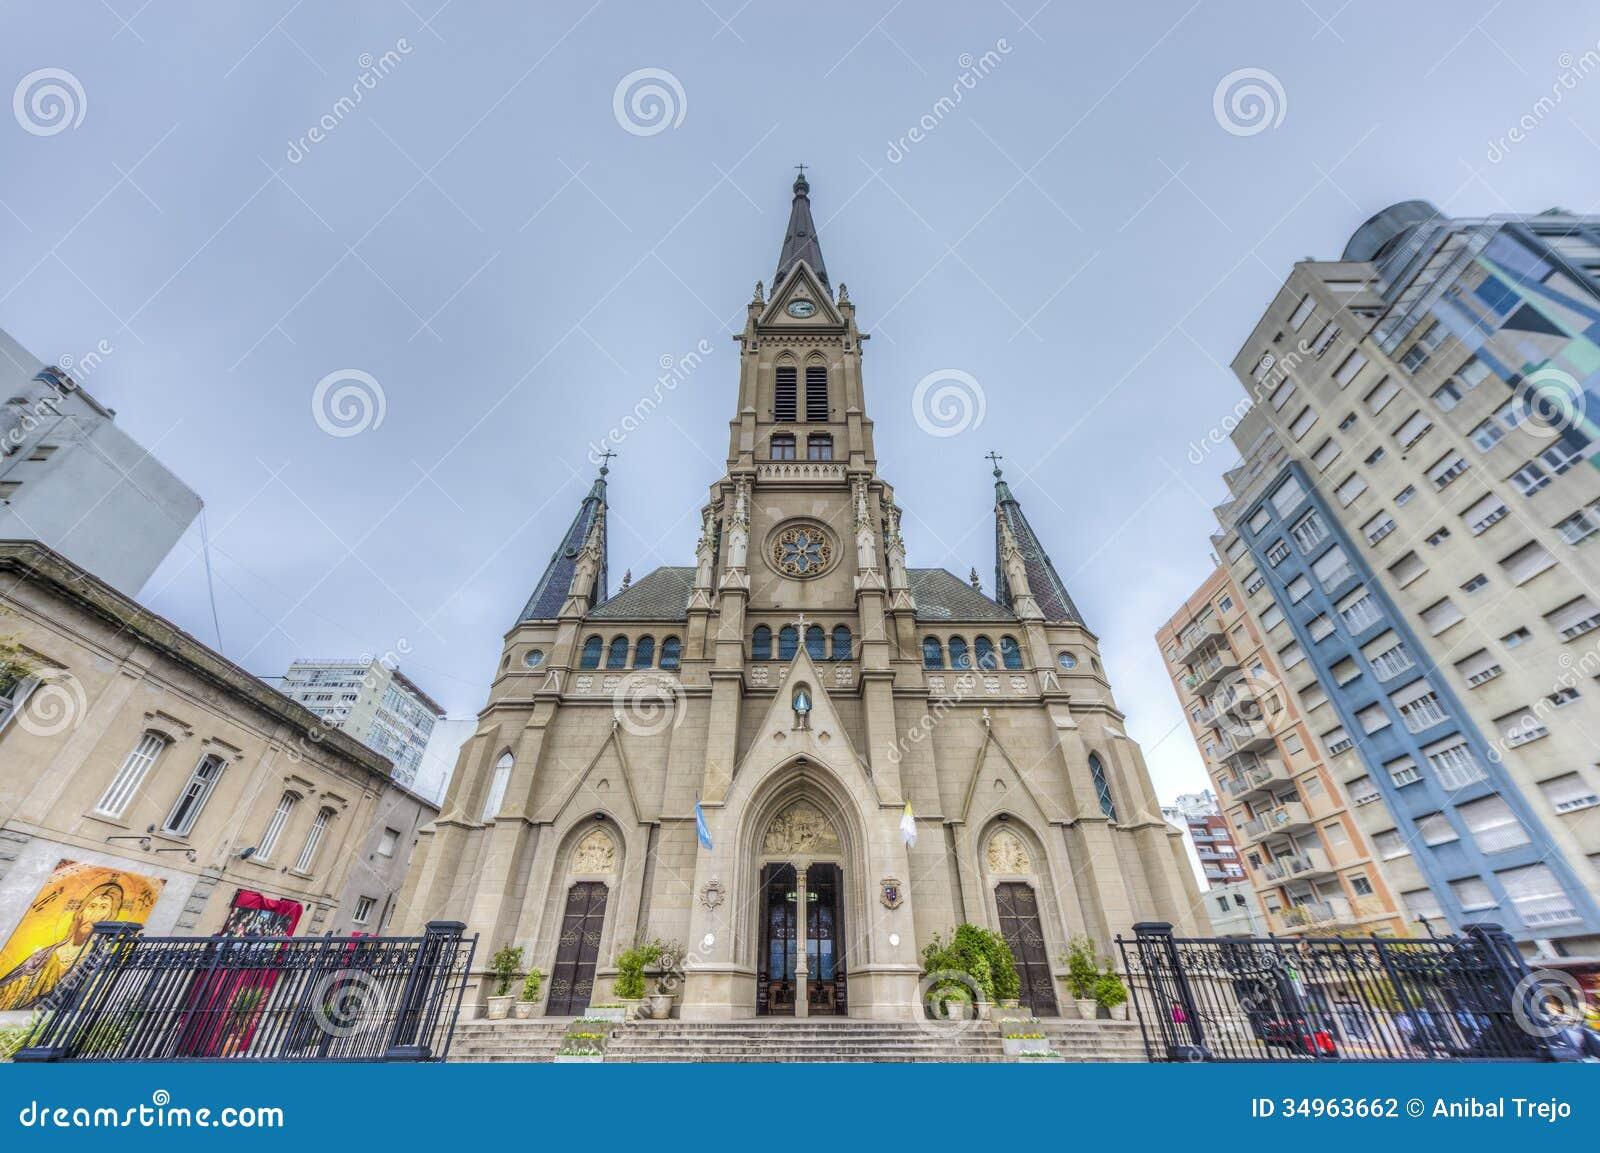 La Catedral De Mar Del Plata Buenos Aires La Argentina